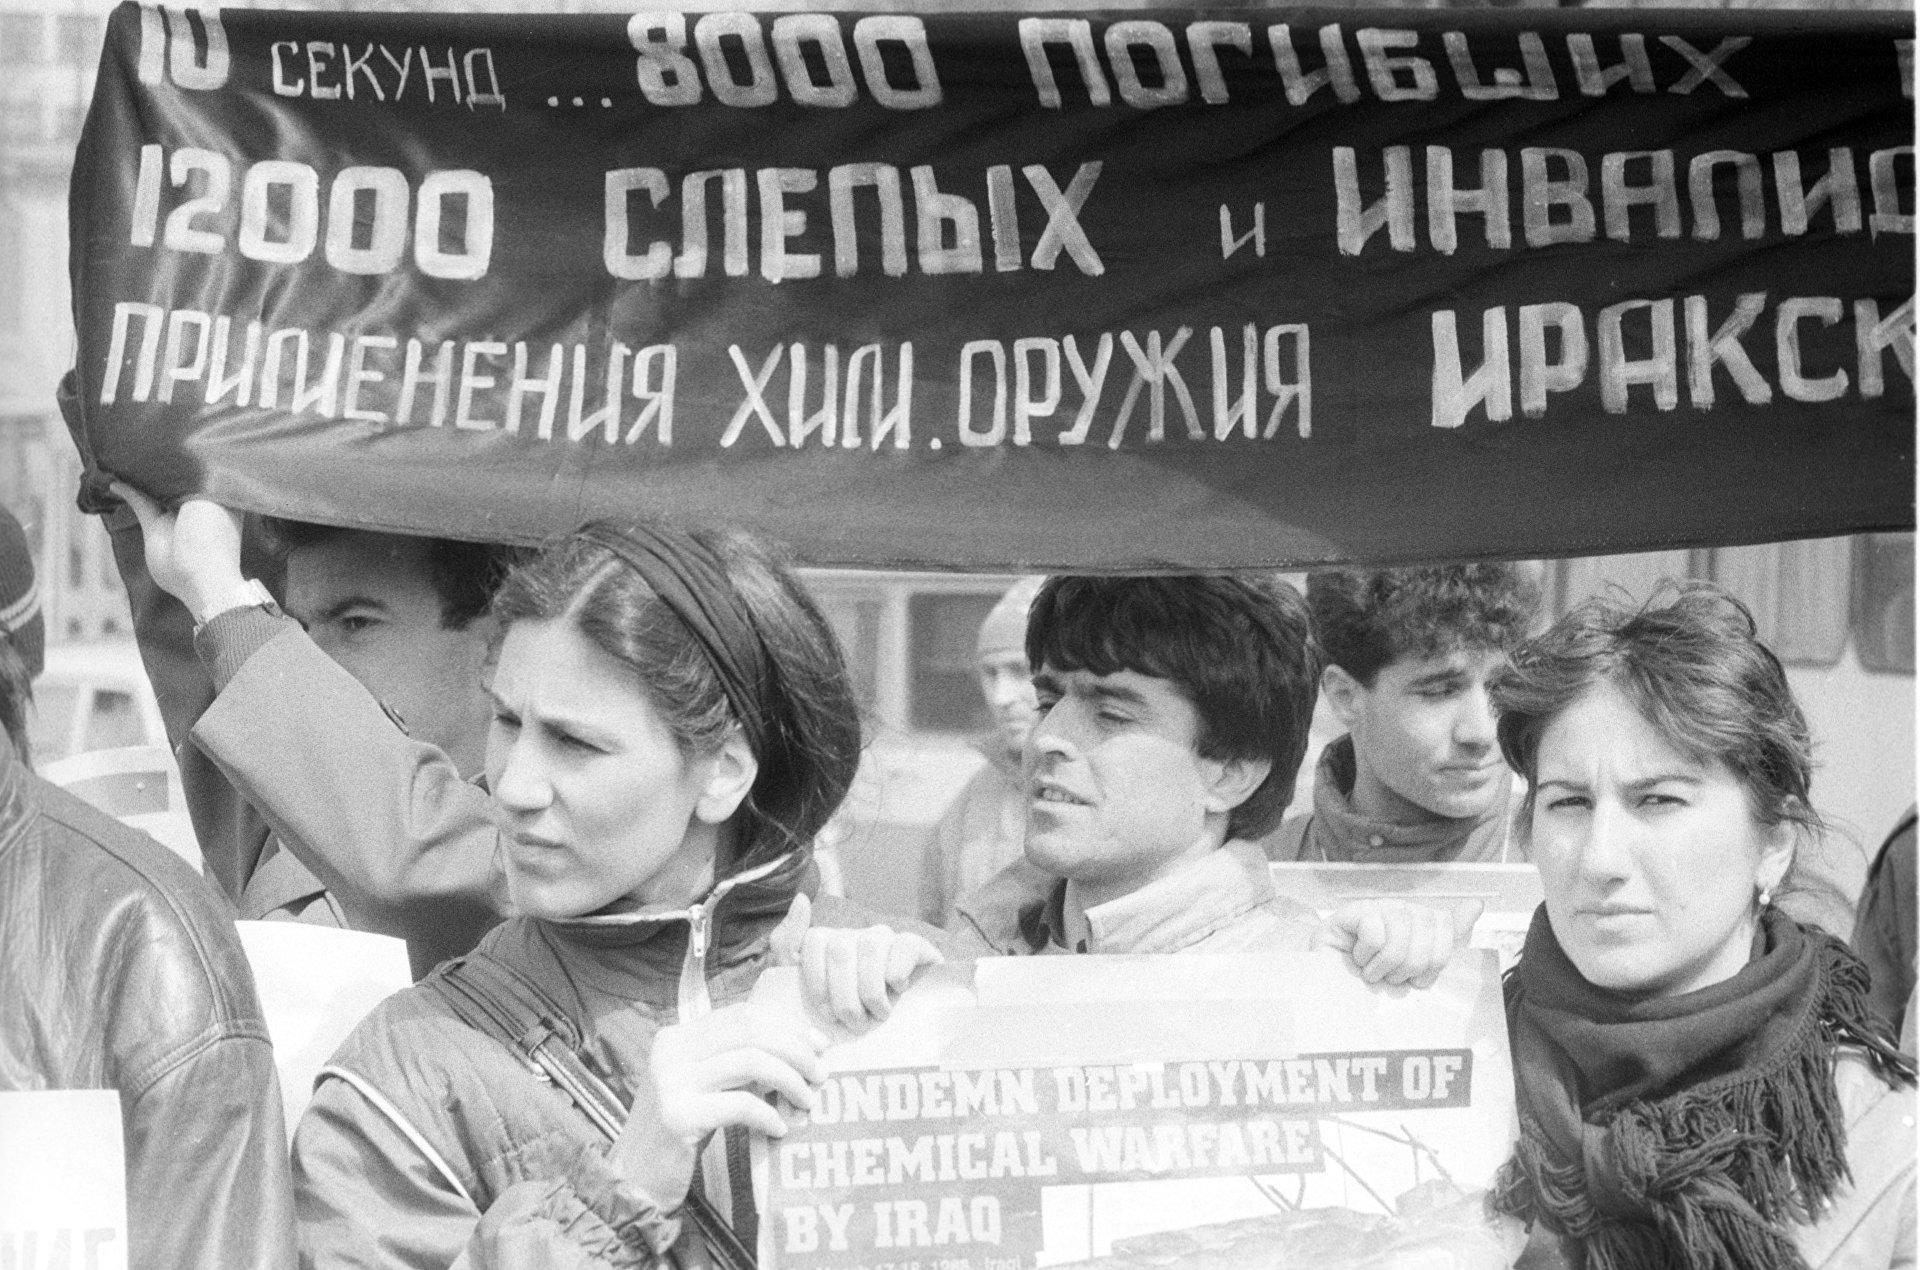 http://ukraina.ru/images/101340/57/1013405755.jpg